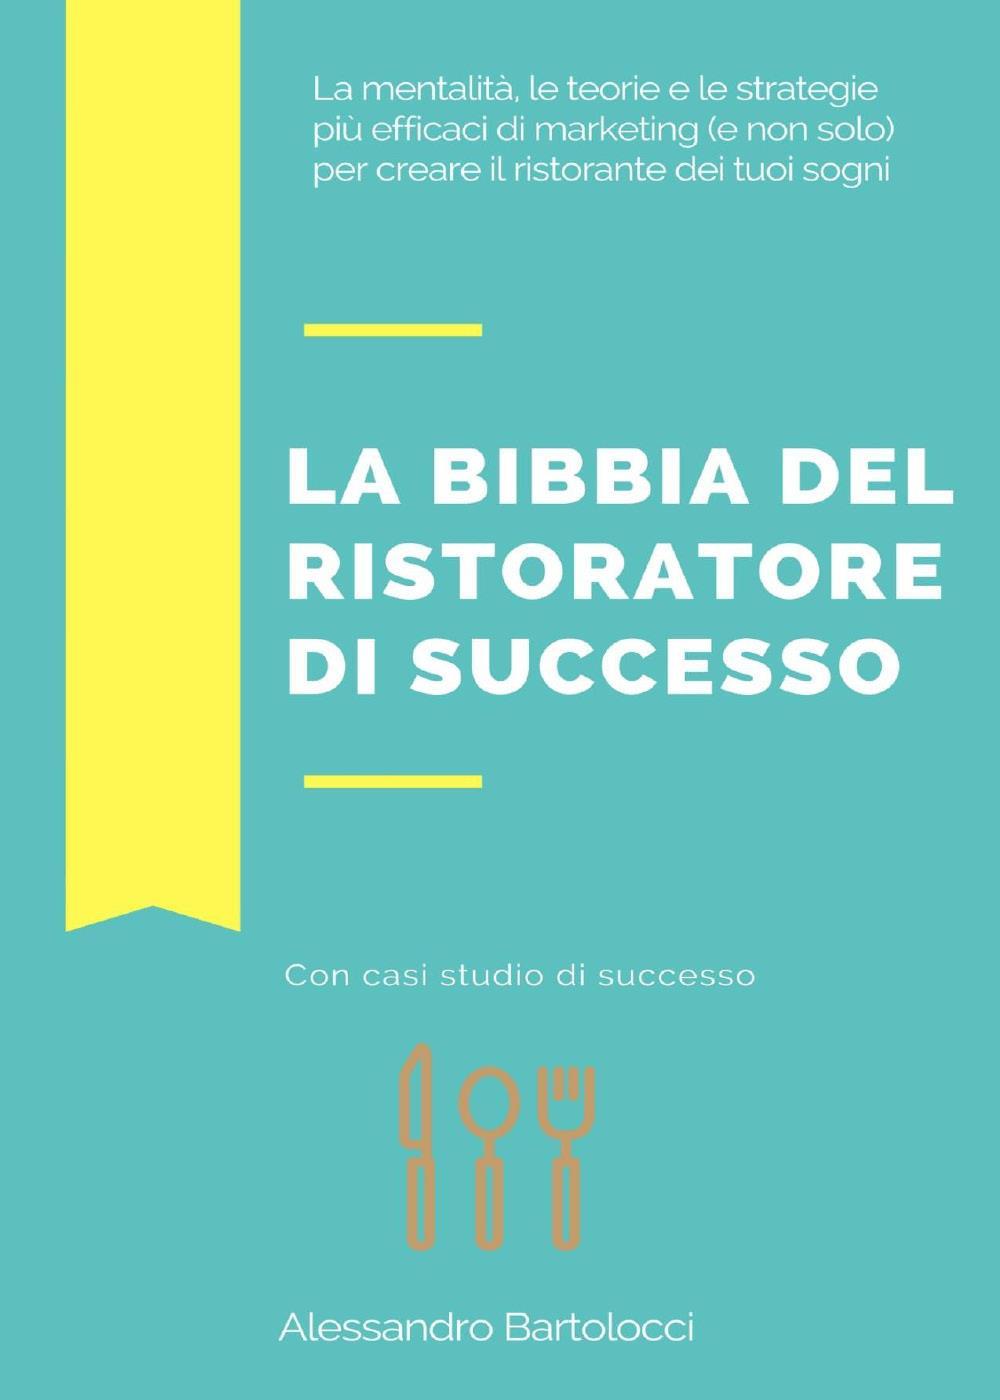 La bibbia del ristoratore di successo